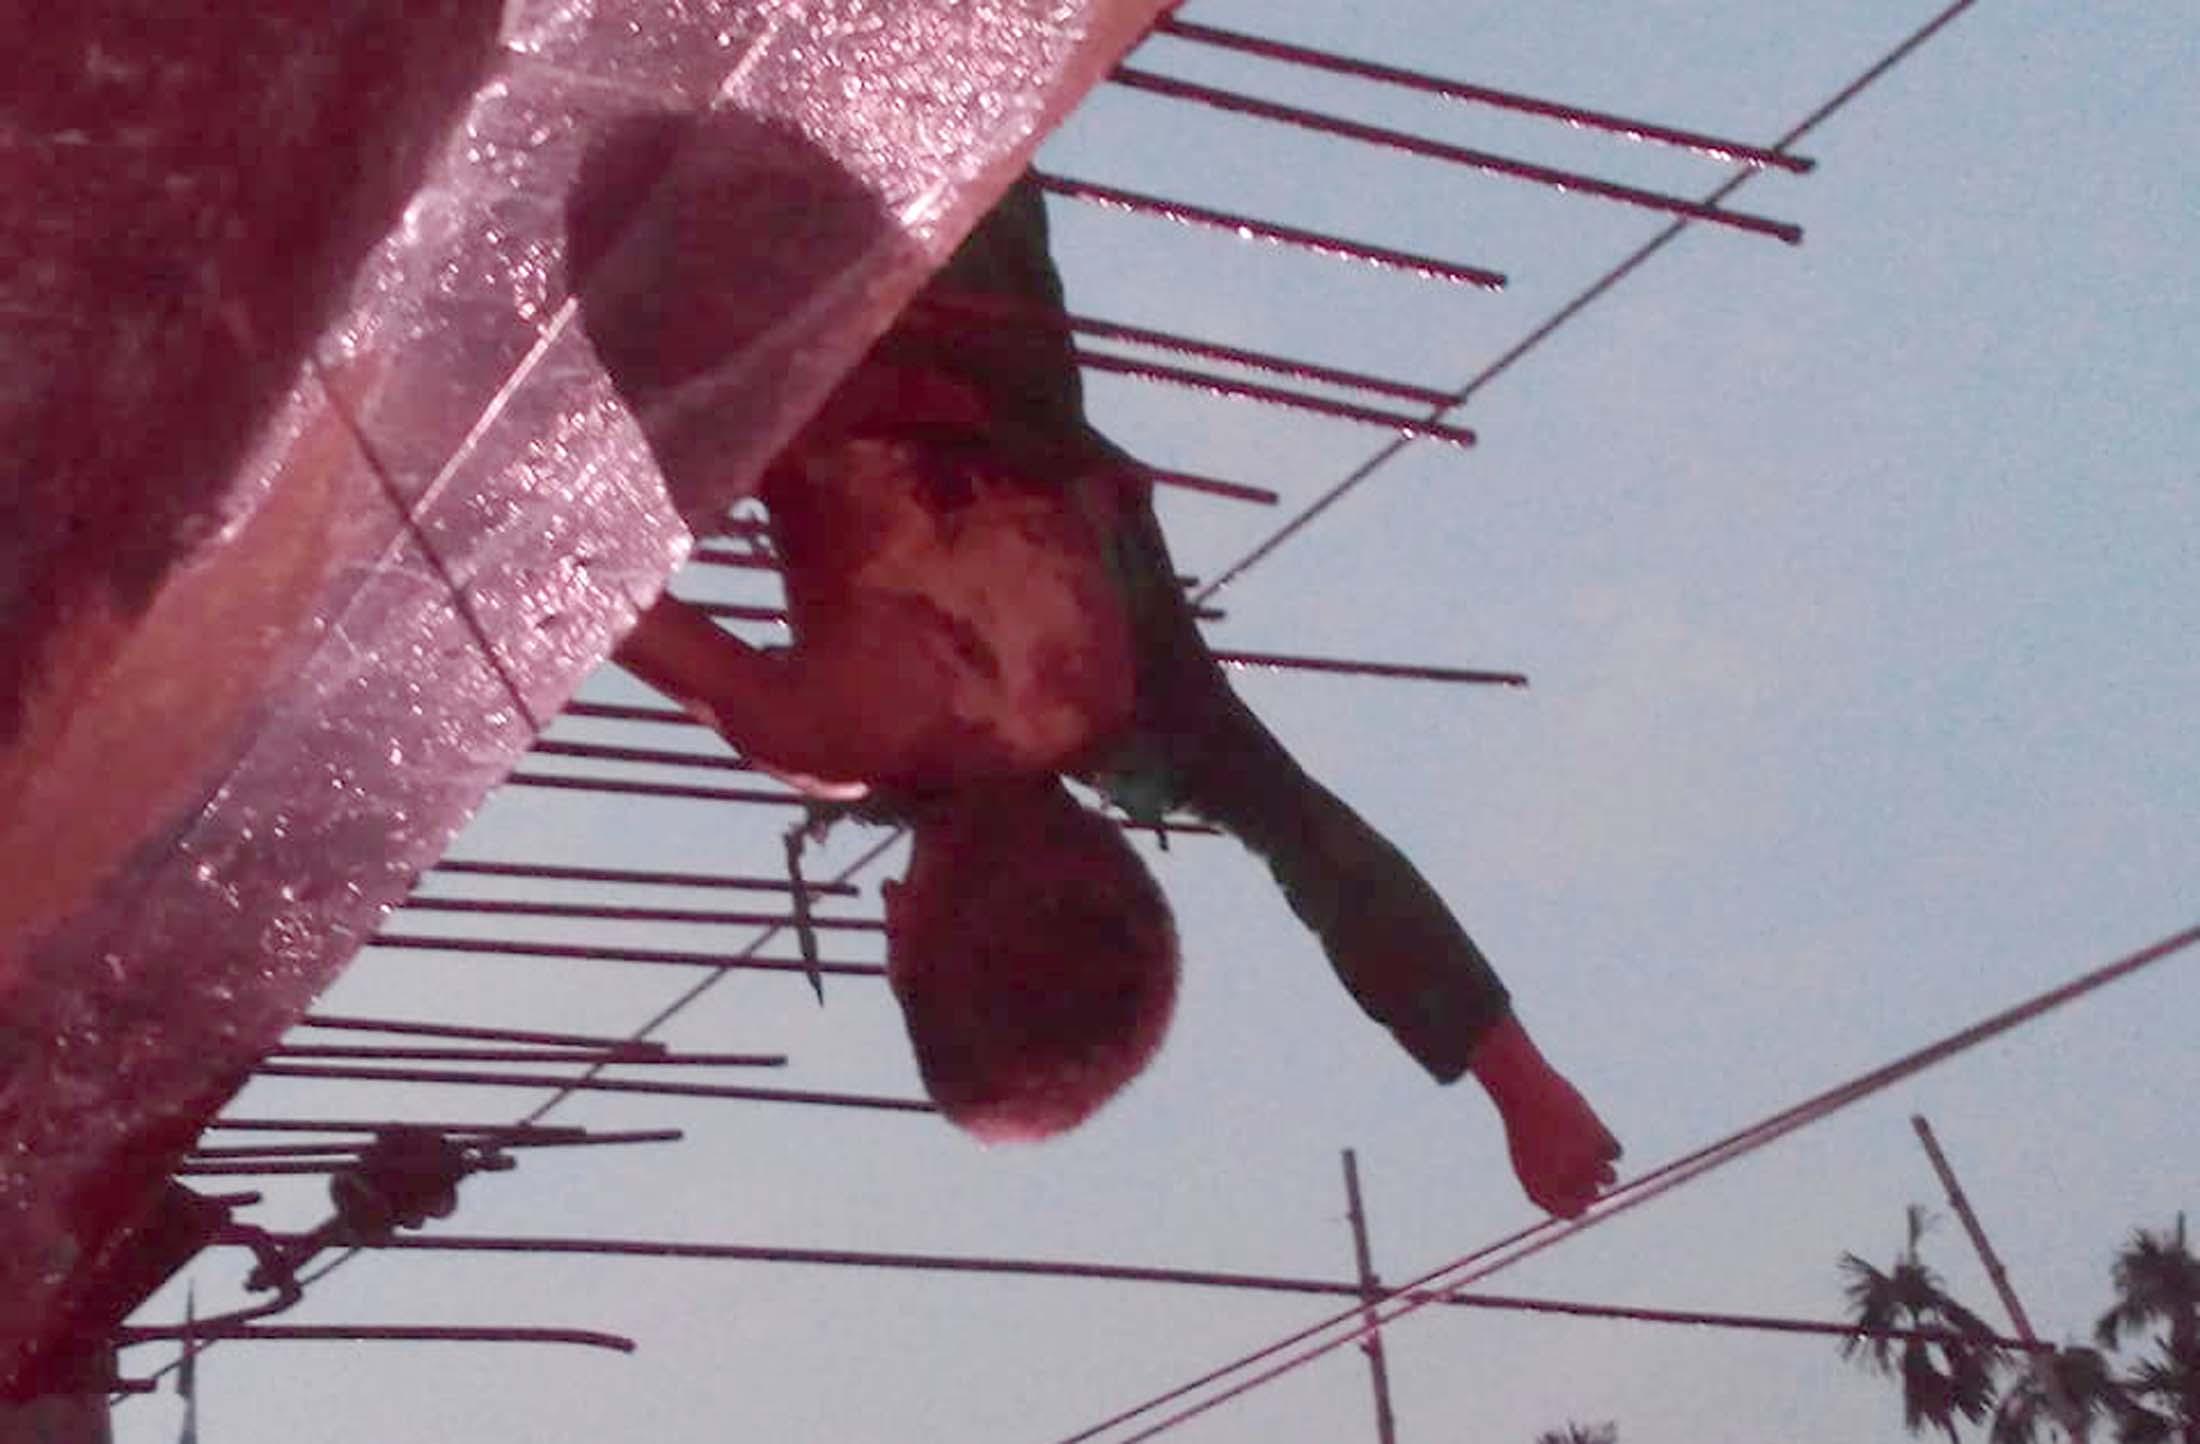 তুষখালীতে বিদ্যুৎ স্পর্শে শিশু ওমর ফারুকের মর্মান্তিক মৃত্যু ॥ দমকল বাহিনীর নির্মাণাধীন ভবন থেকে লাশ উদ্ধার